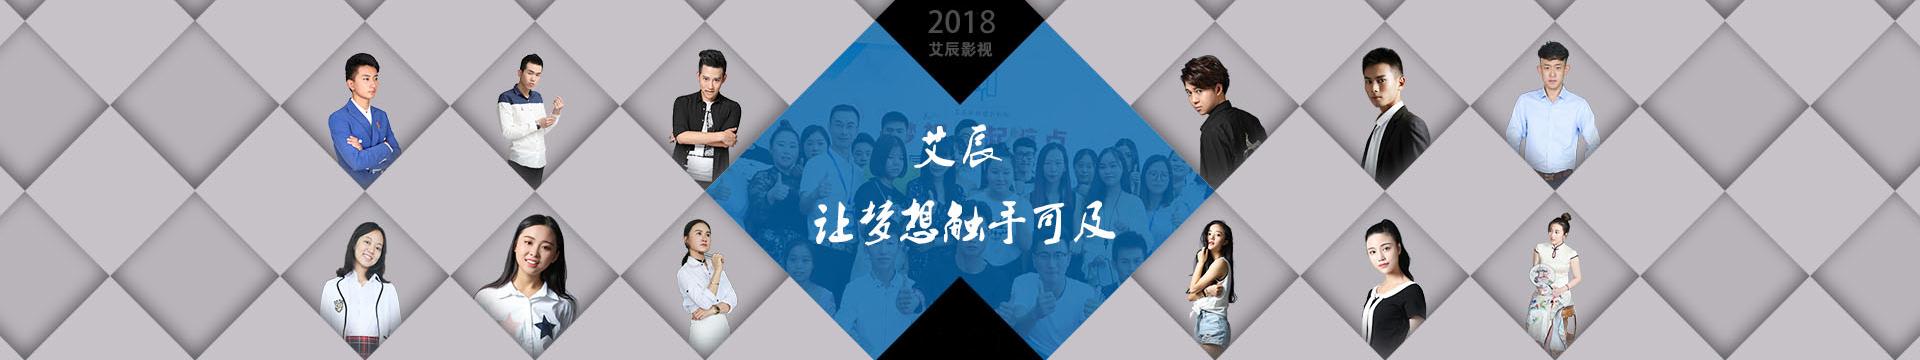 深圳培训课程